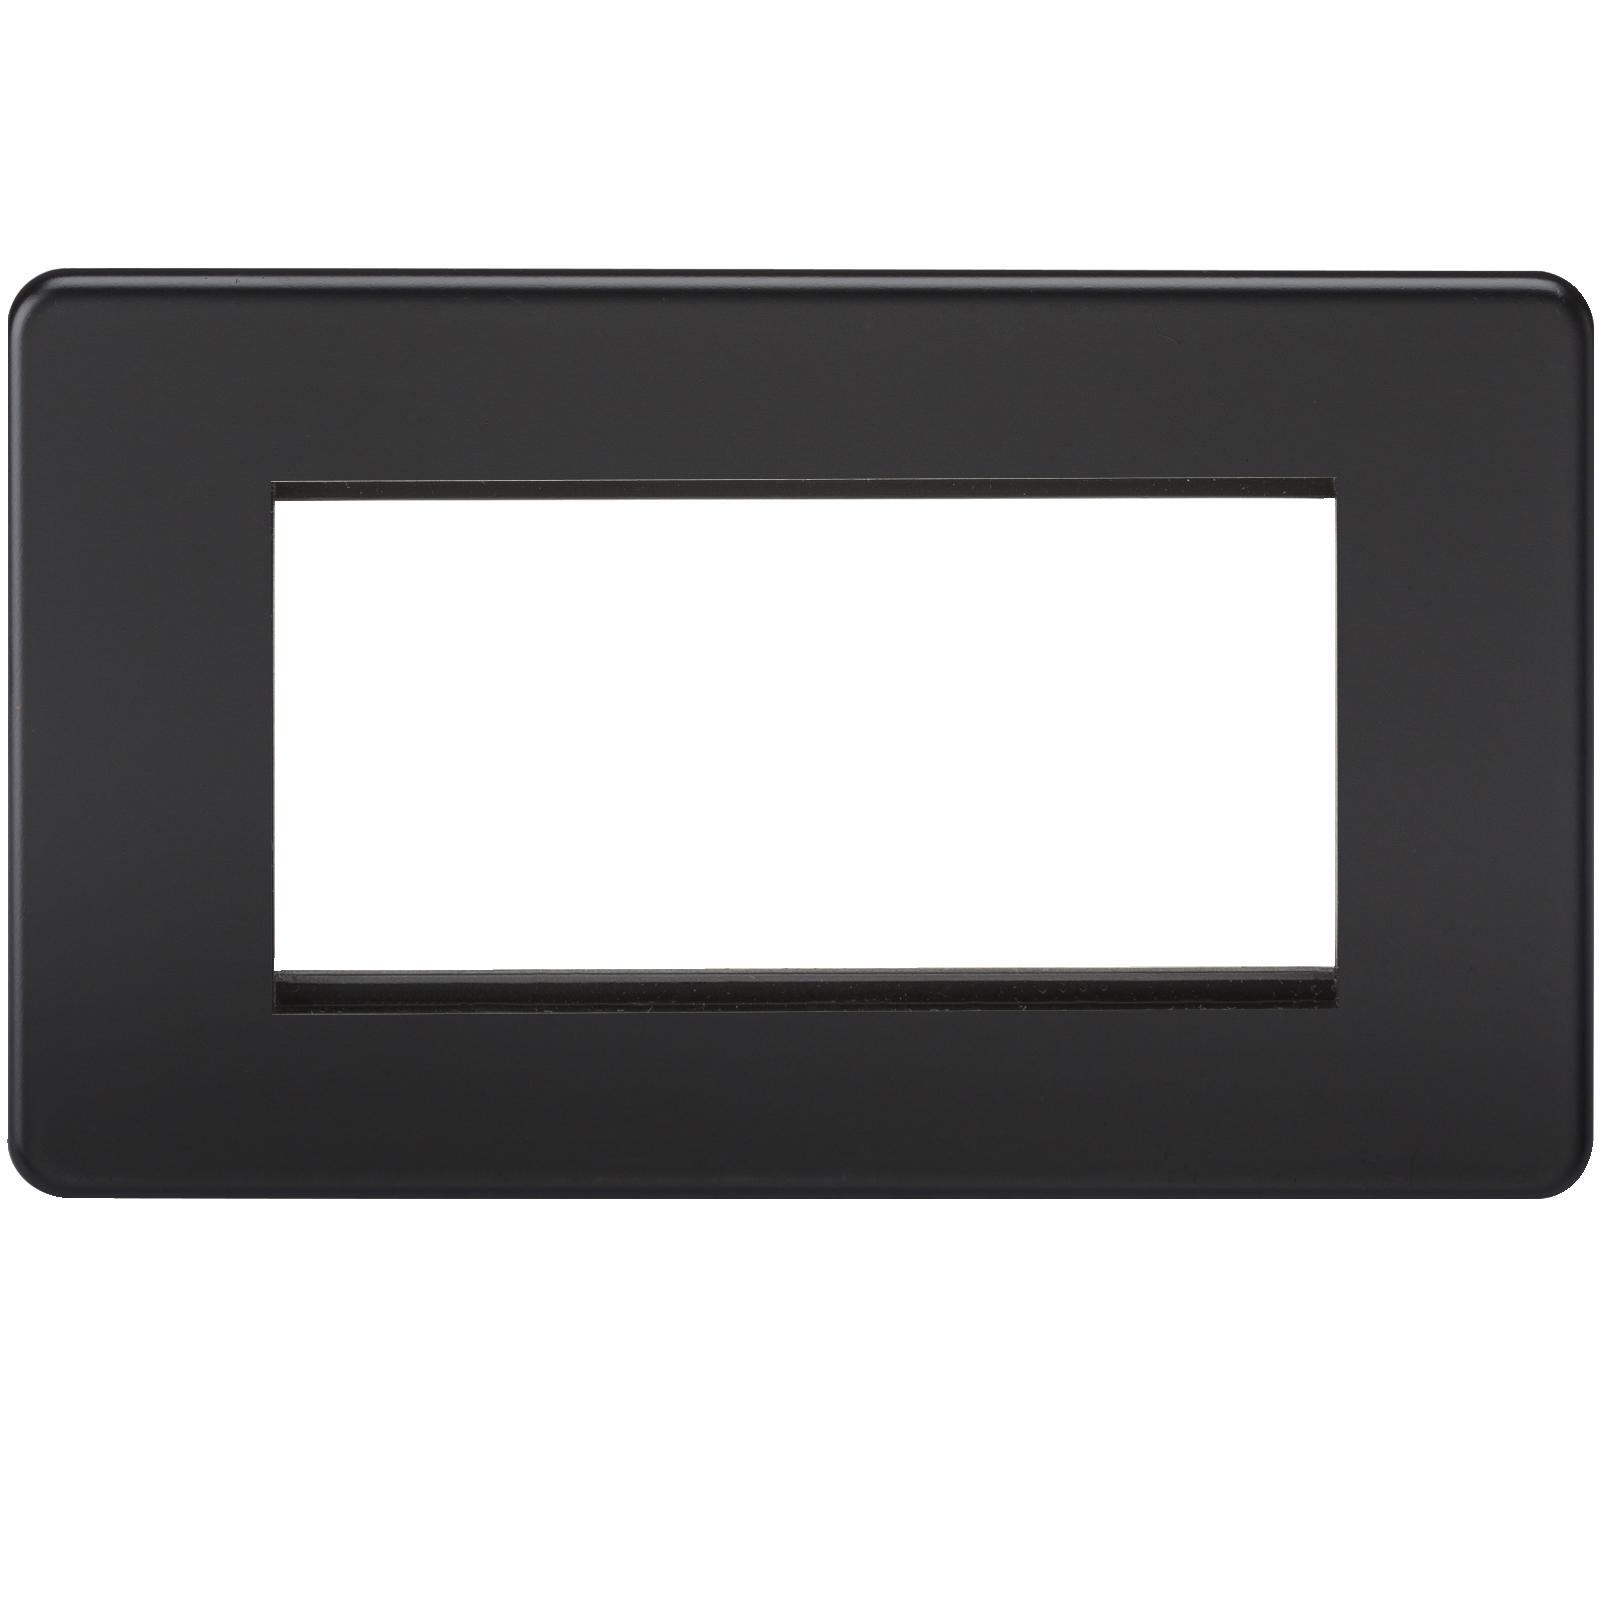 SCREWLESS 4G MODULAR FACEPLATE - MATT BLACK